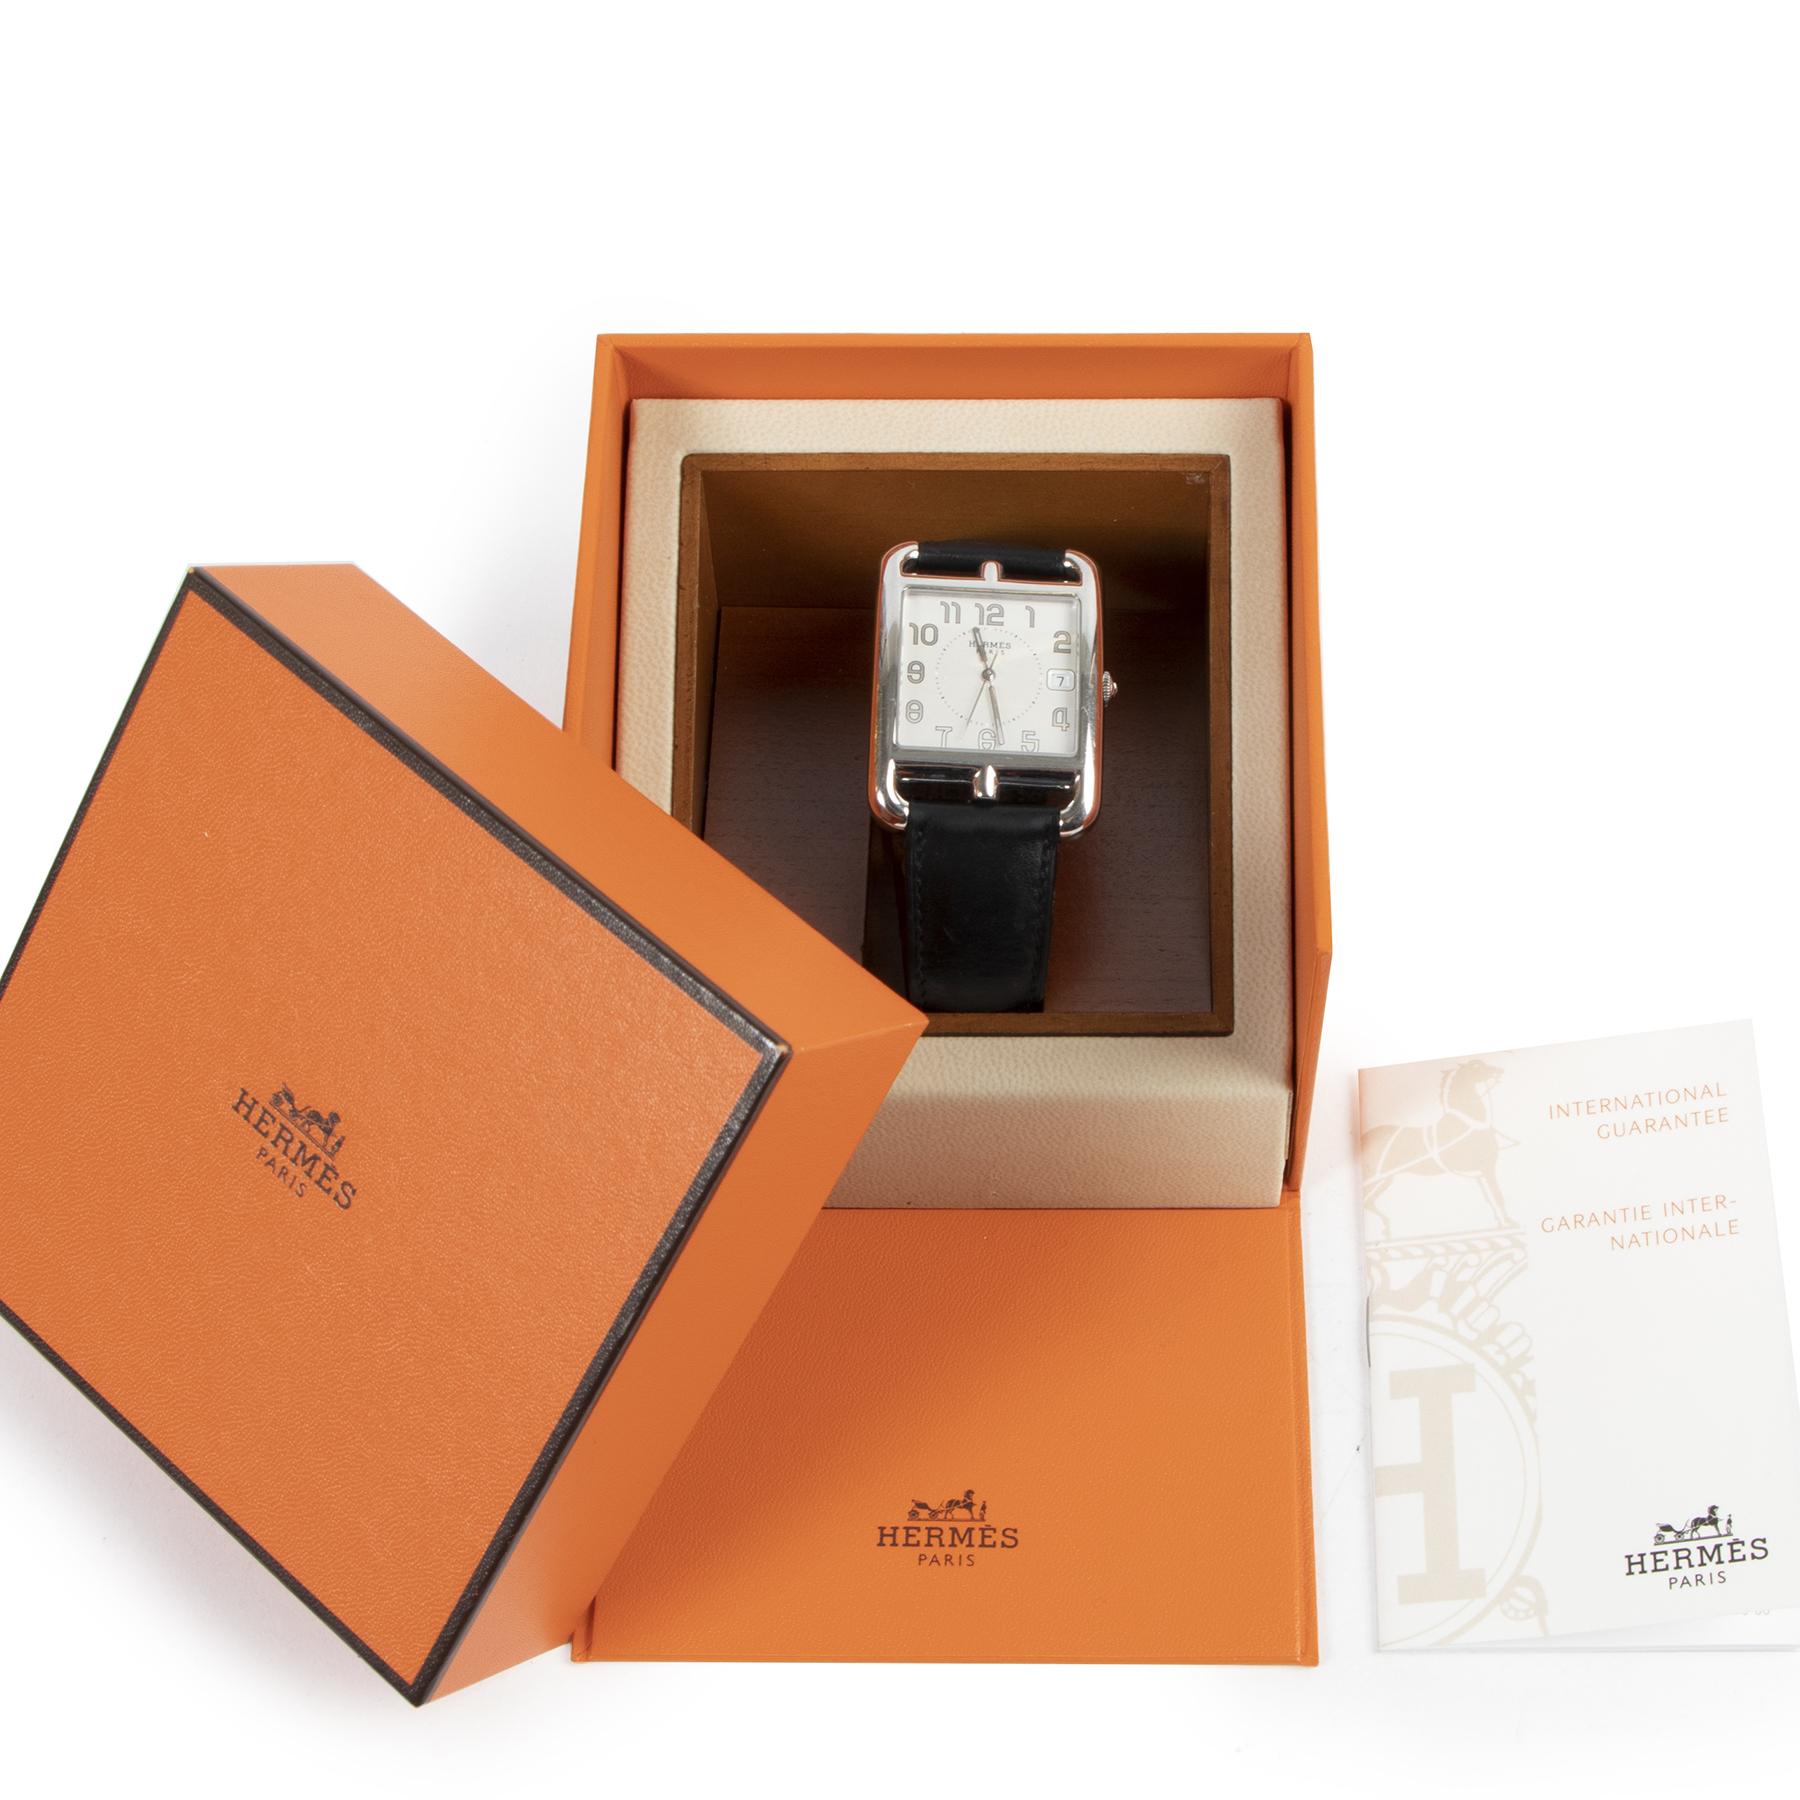 Authentique seconde-main Hermès achète en ligne webshop LabelLOV